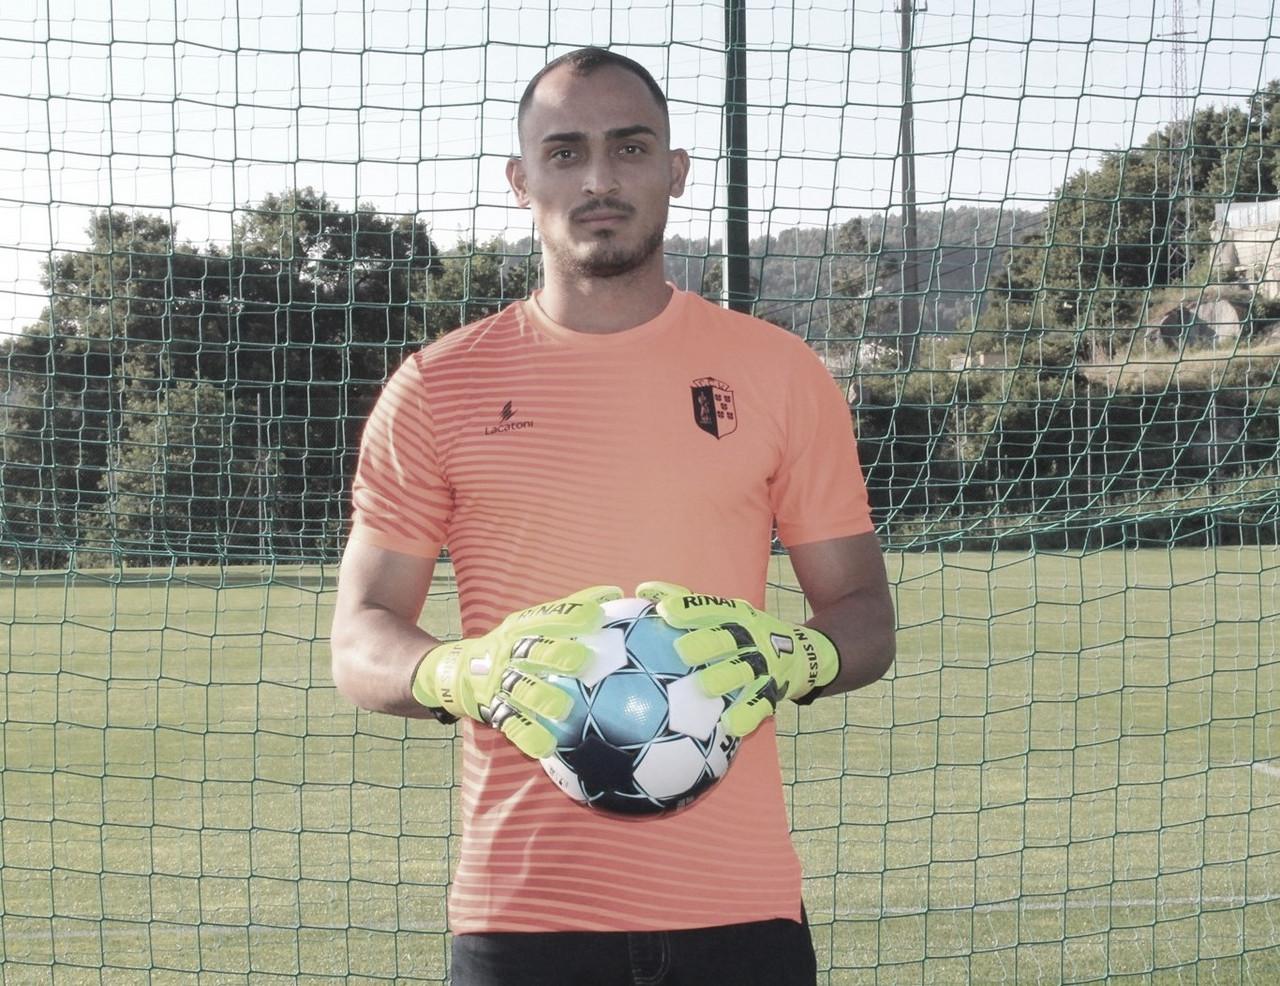 Apresentado no Vizela, Cássio busca destaque no retorno da equipe à elite portuguesa